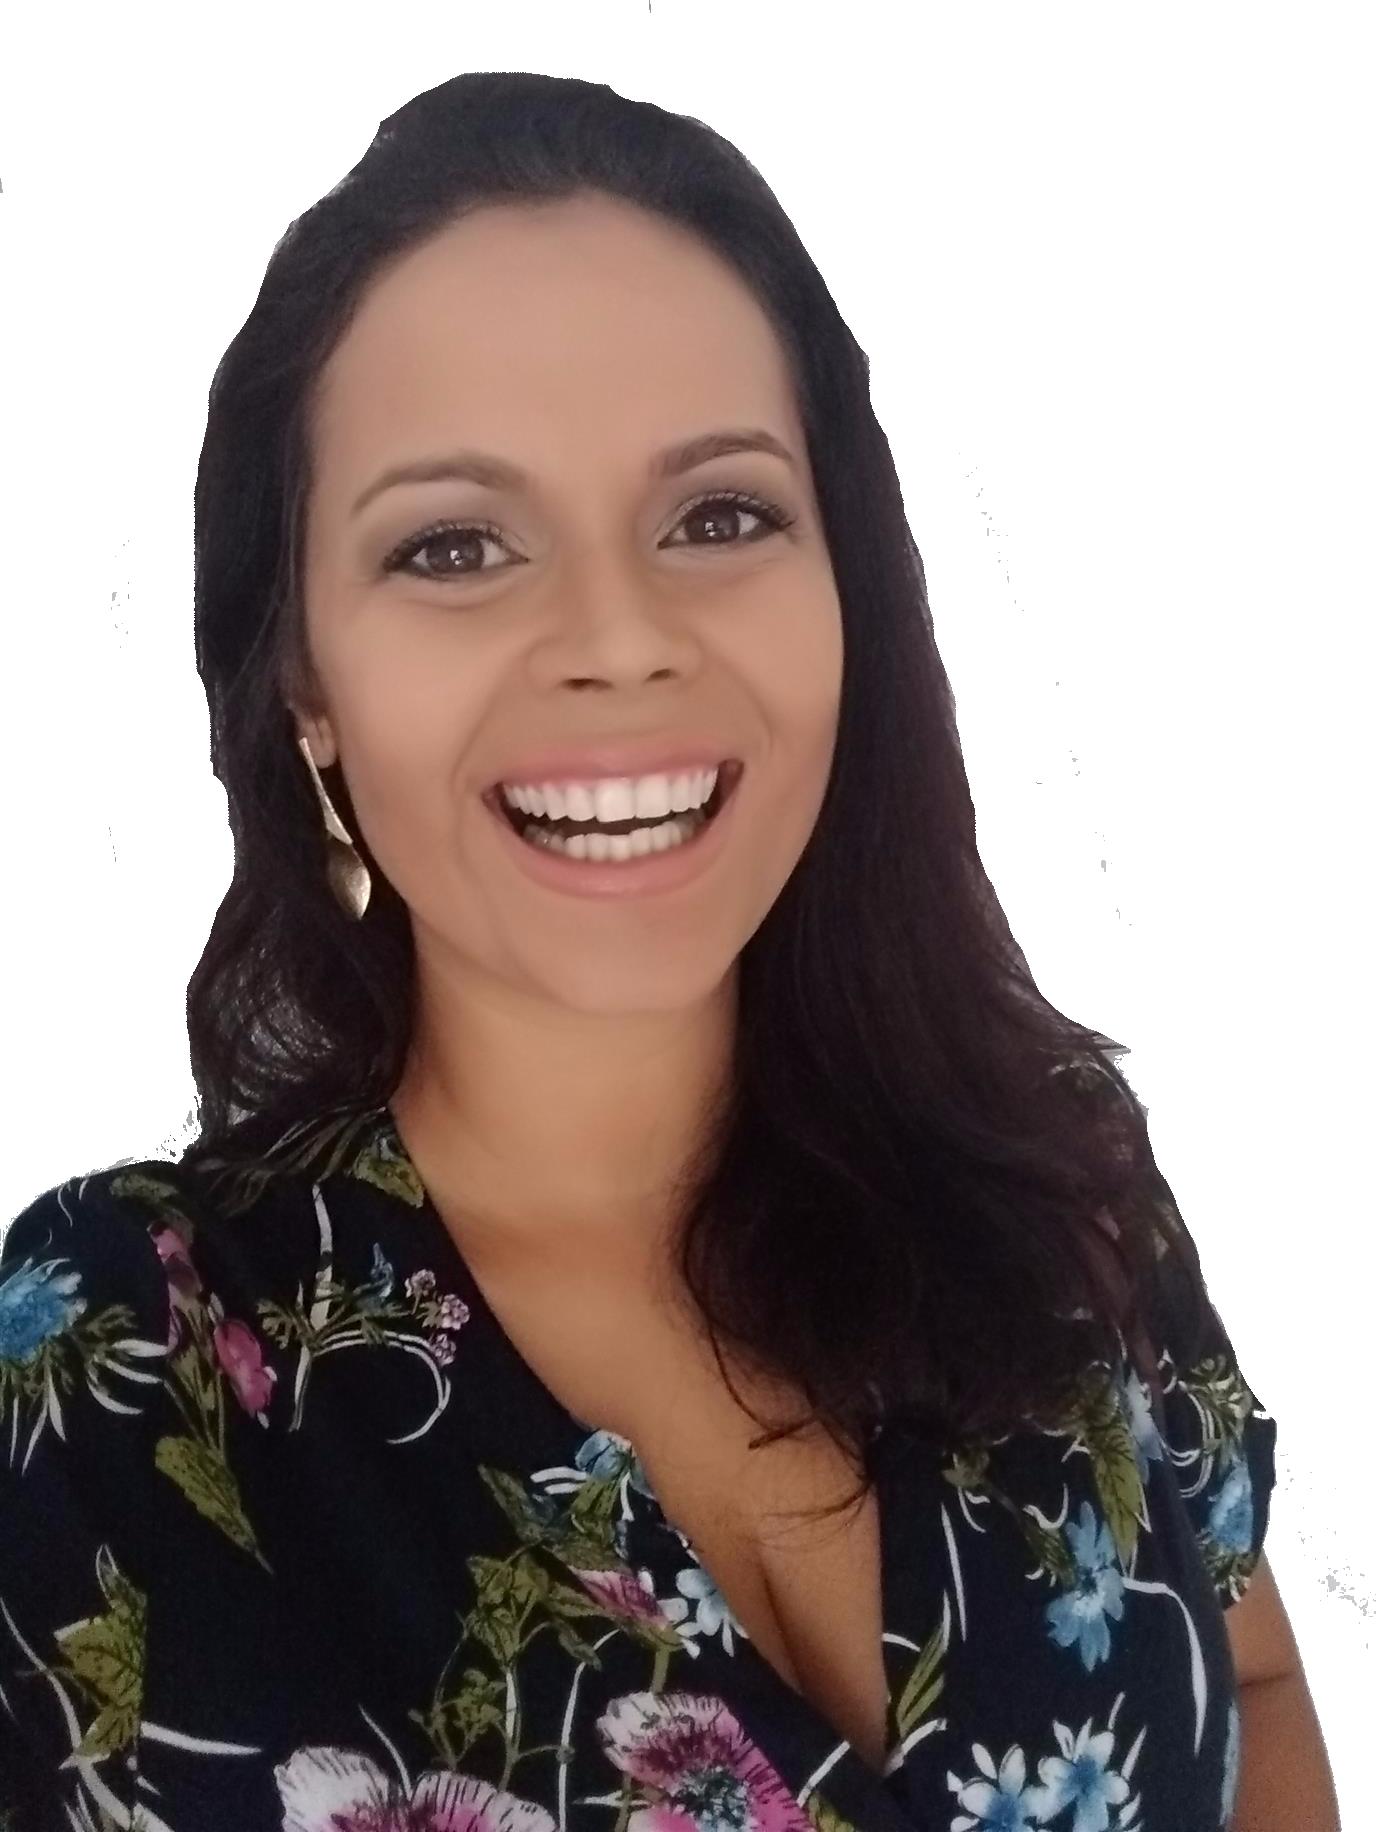 AVALIAÇÃO AUDIOLÓGICA PEDIÁTRICA